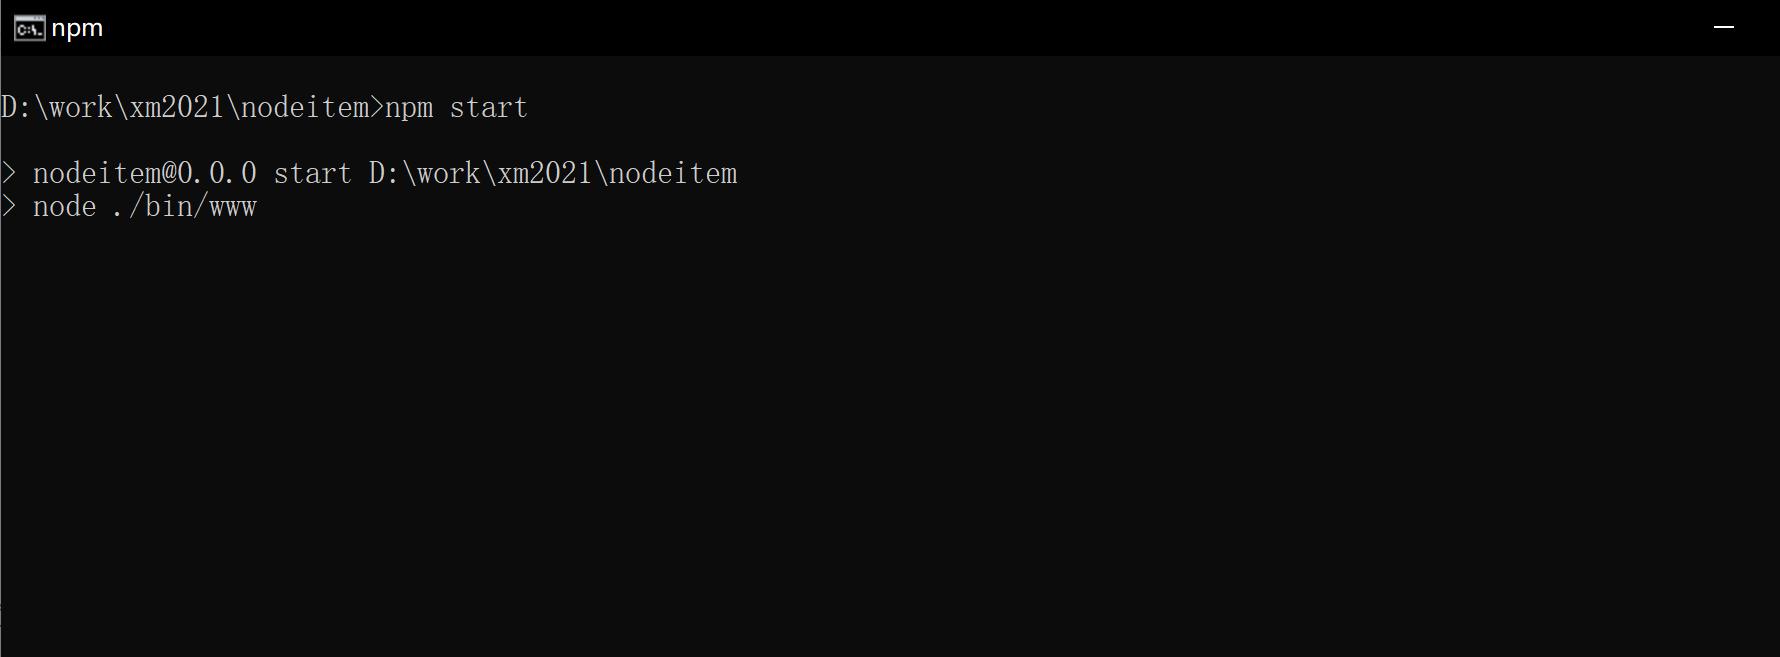 创建一个nodejs项目